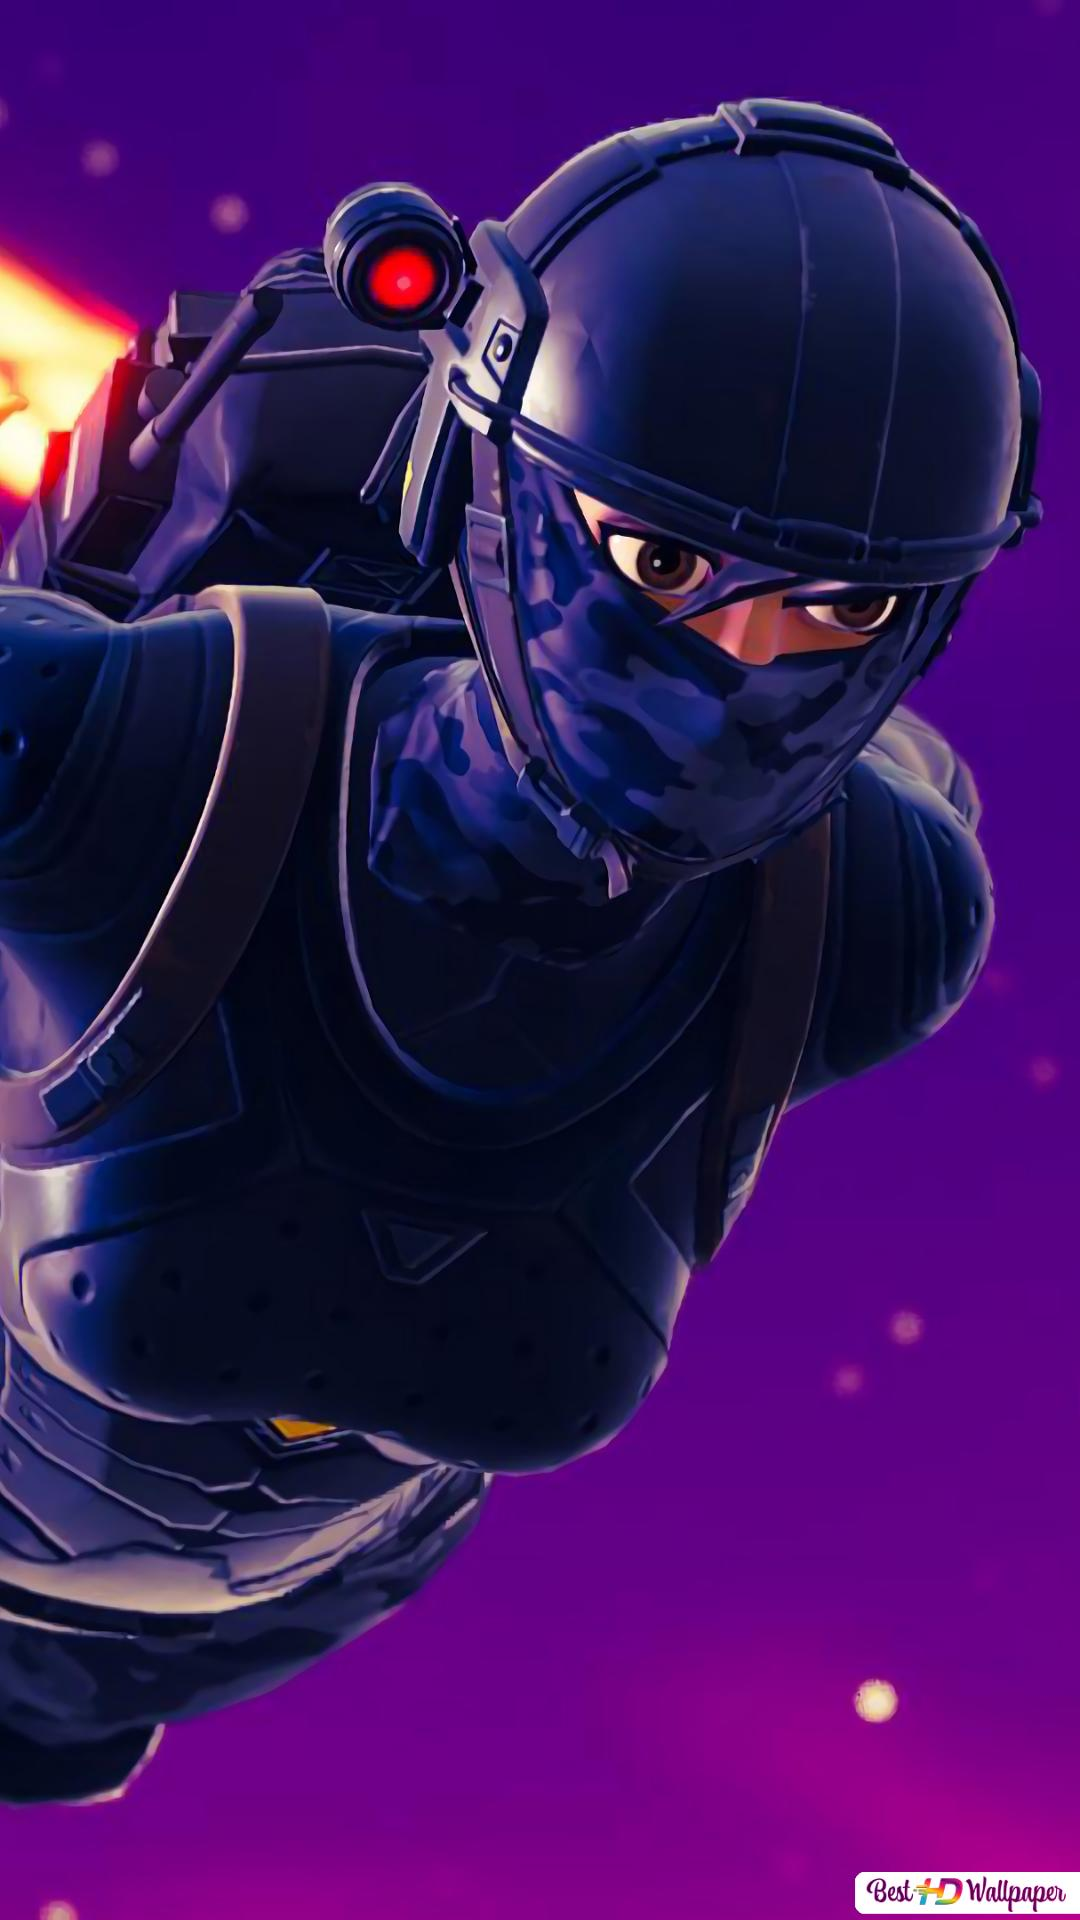 Fortnite Schlacht Royale Elite Agent Hd Hintergrundbilder Herunterladen